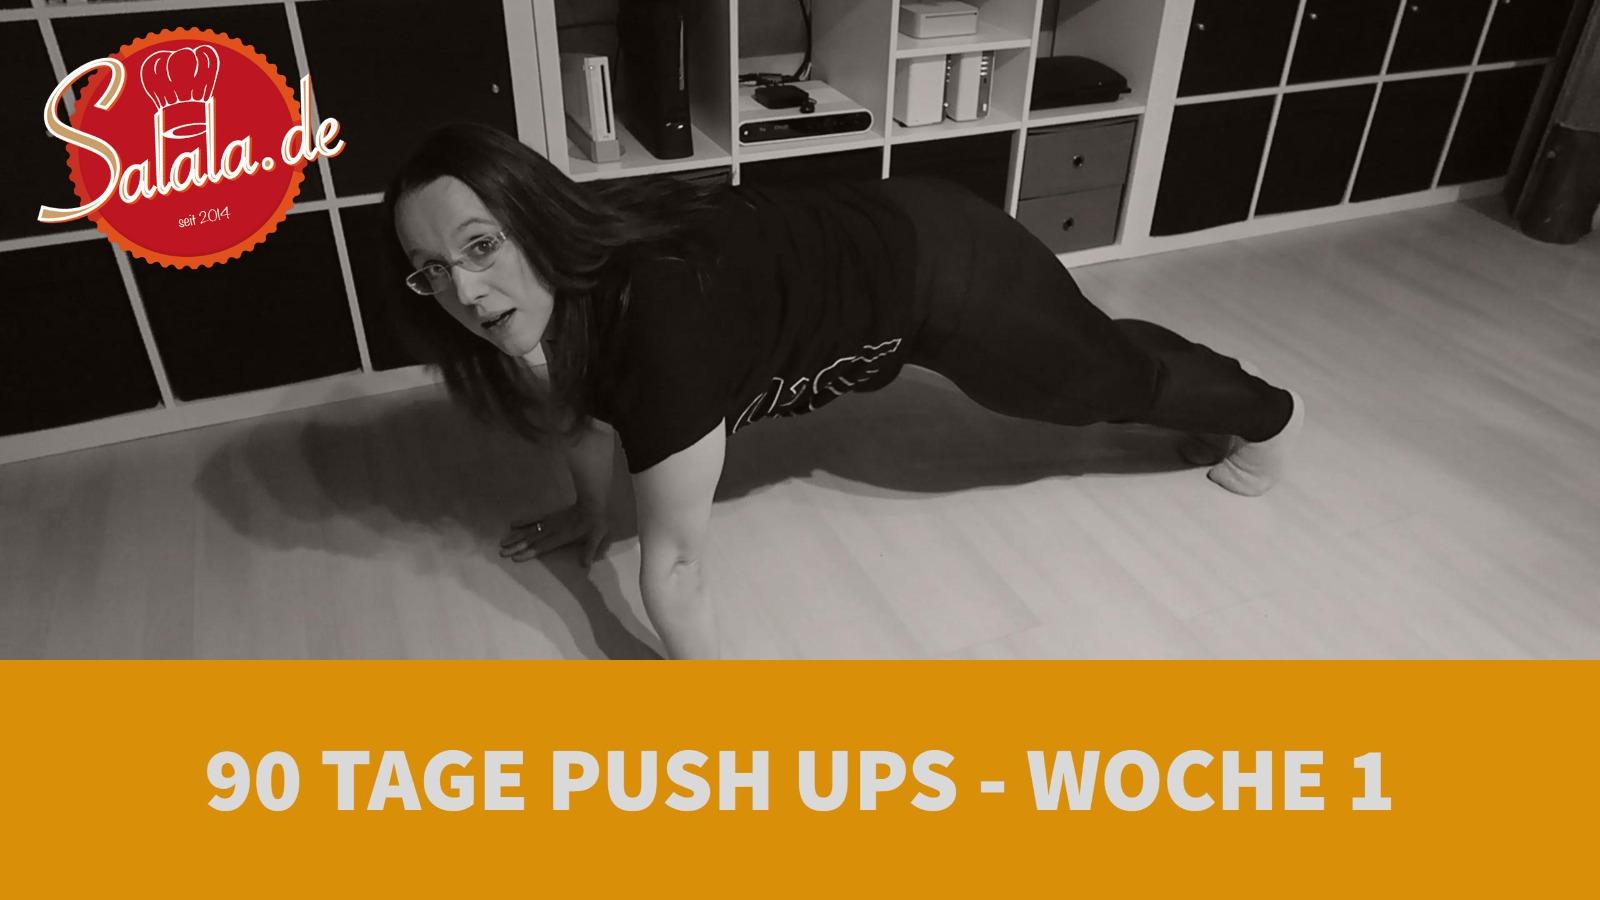 90 Tage Push Up Challenge Low Carb Liegestütze salala.de